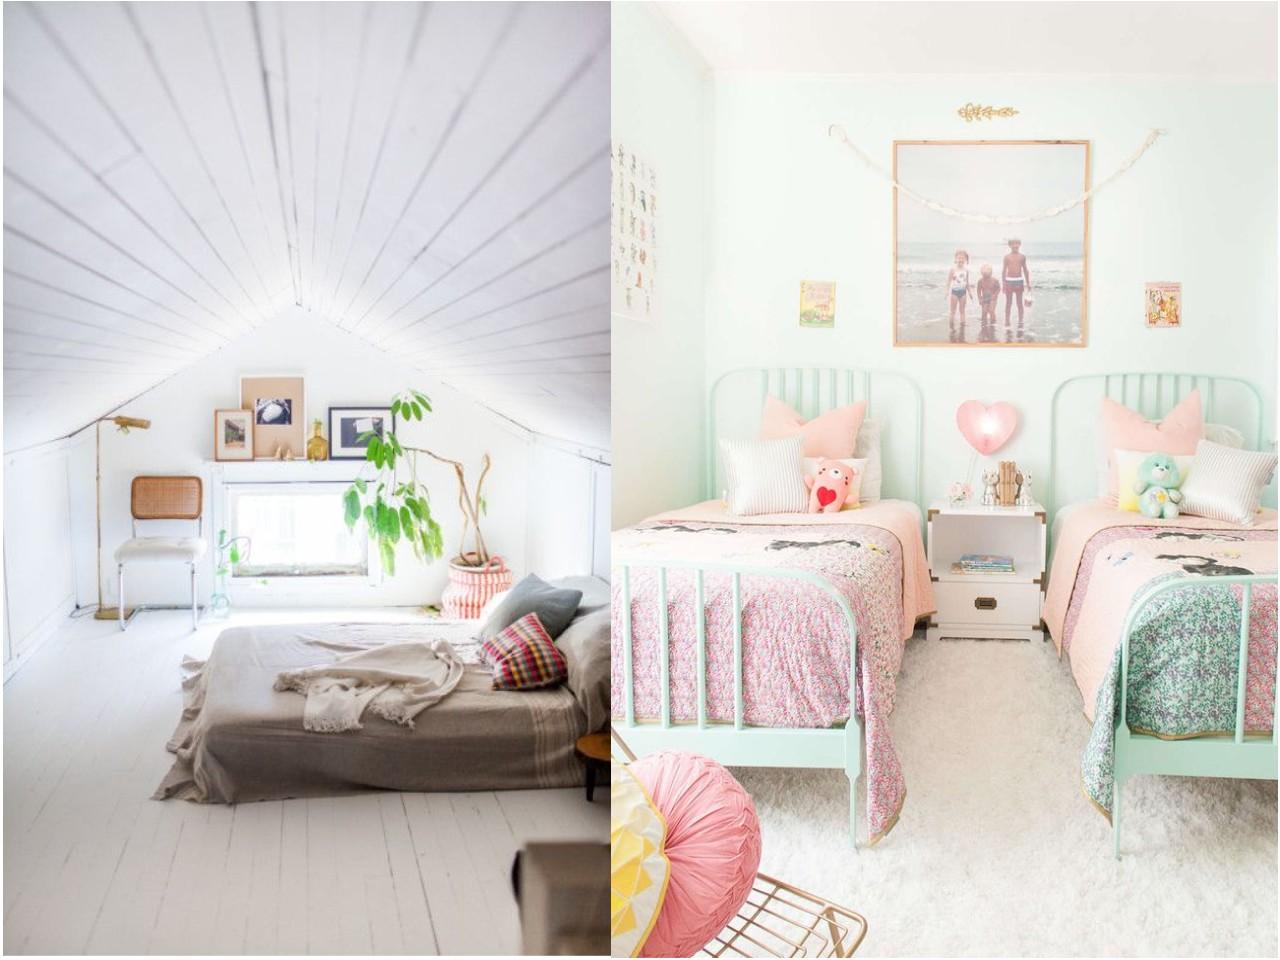 Decoraci n de habitaciones peque as en 8 pasos - Fotos de habitaciones decoradas ...